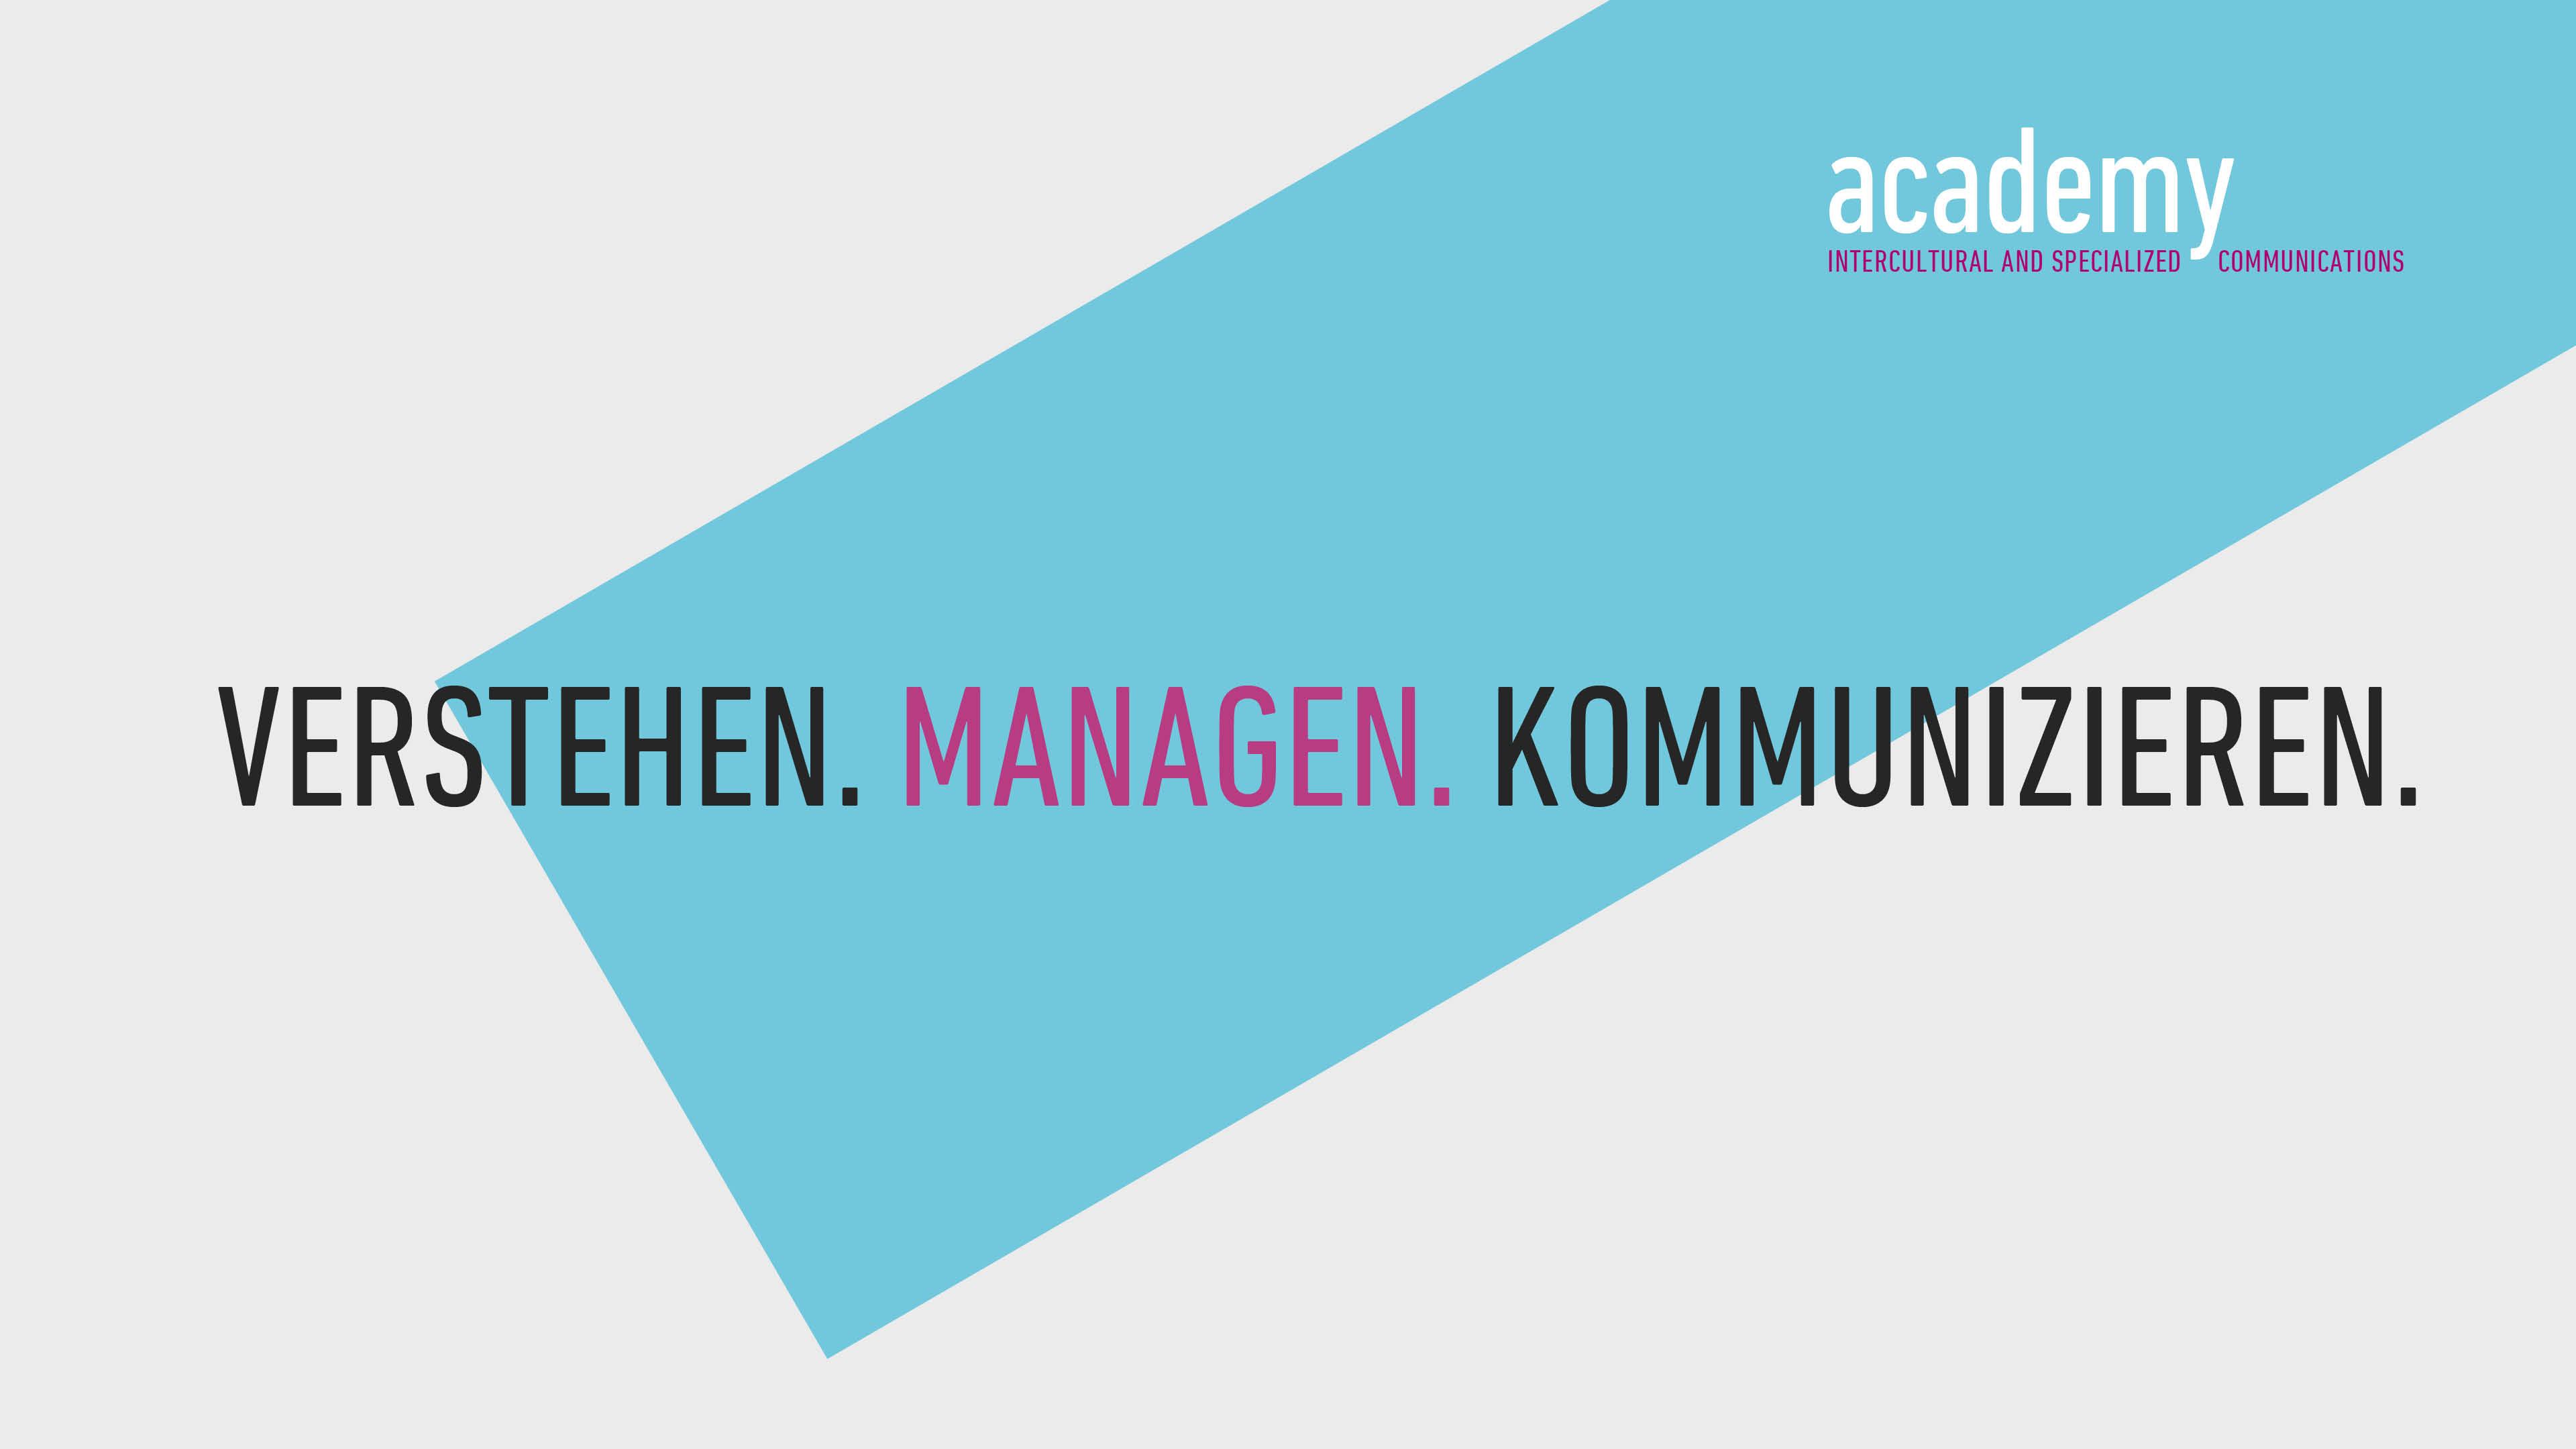 Verstehen_Managen_Kommunizieren